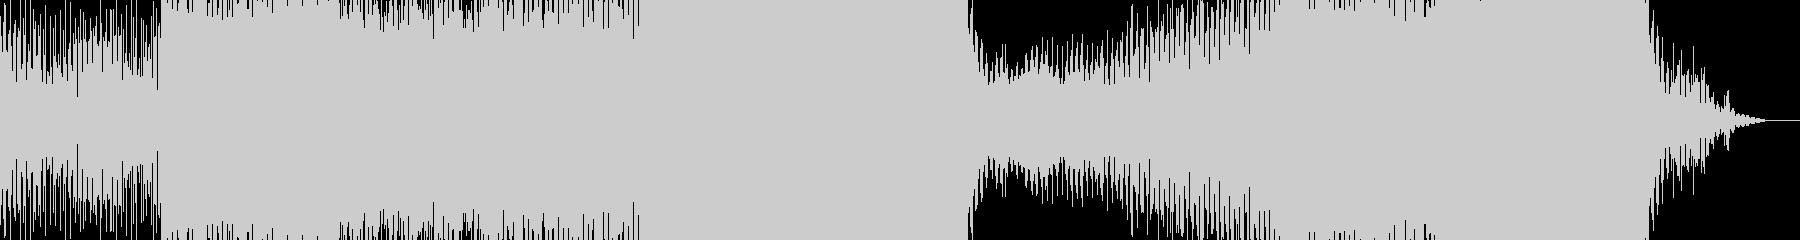 エネルギッシュなシンセトラックの未再生の波形